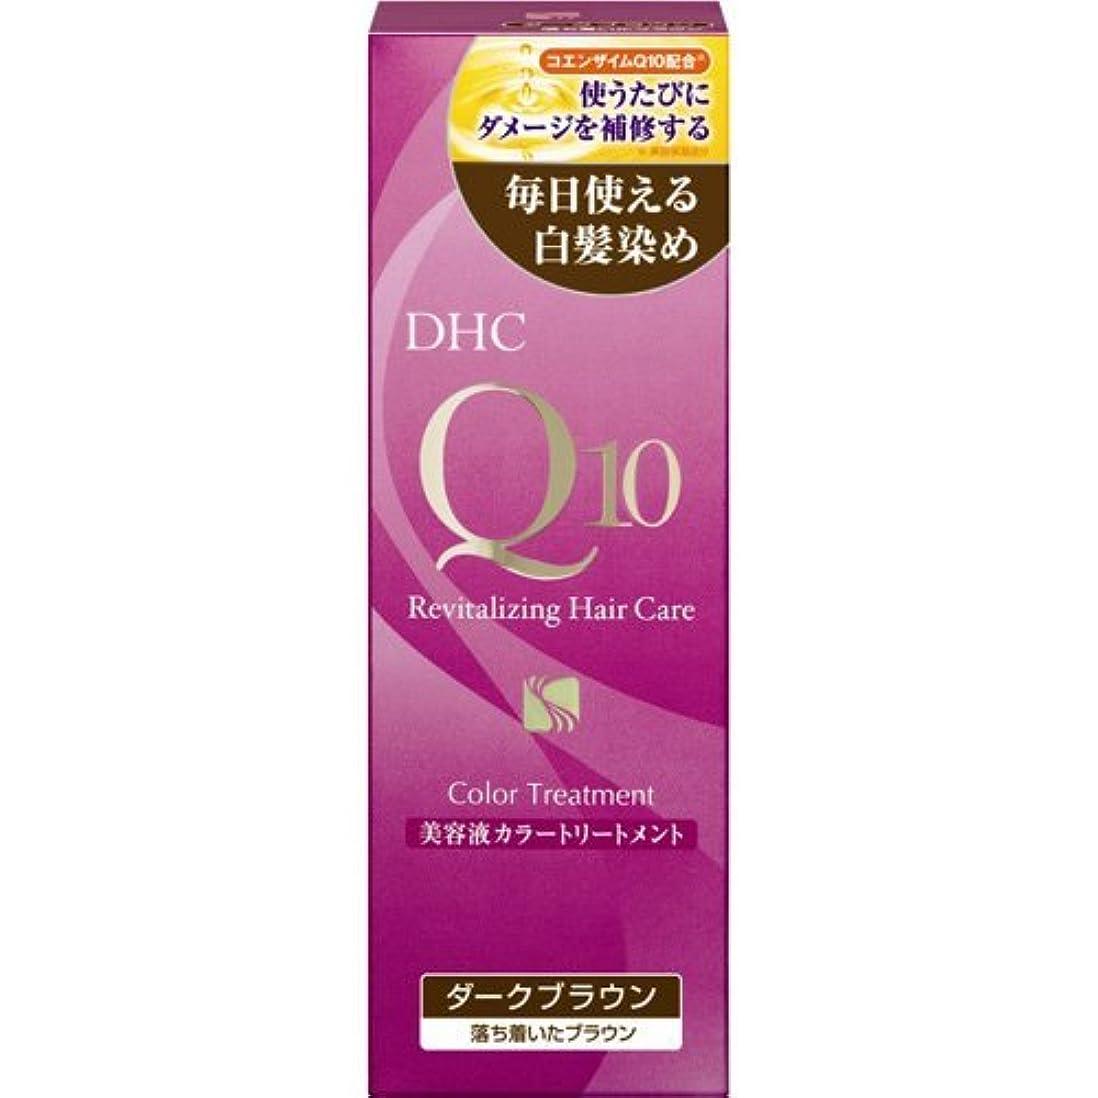 【まとめ買い】DHC Q10美溶液カラートリートメントDブラウンSS170g ×4個